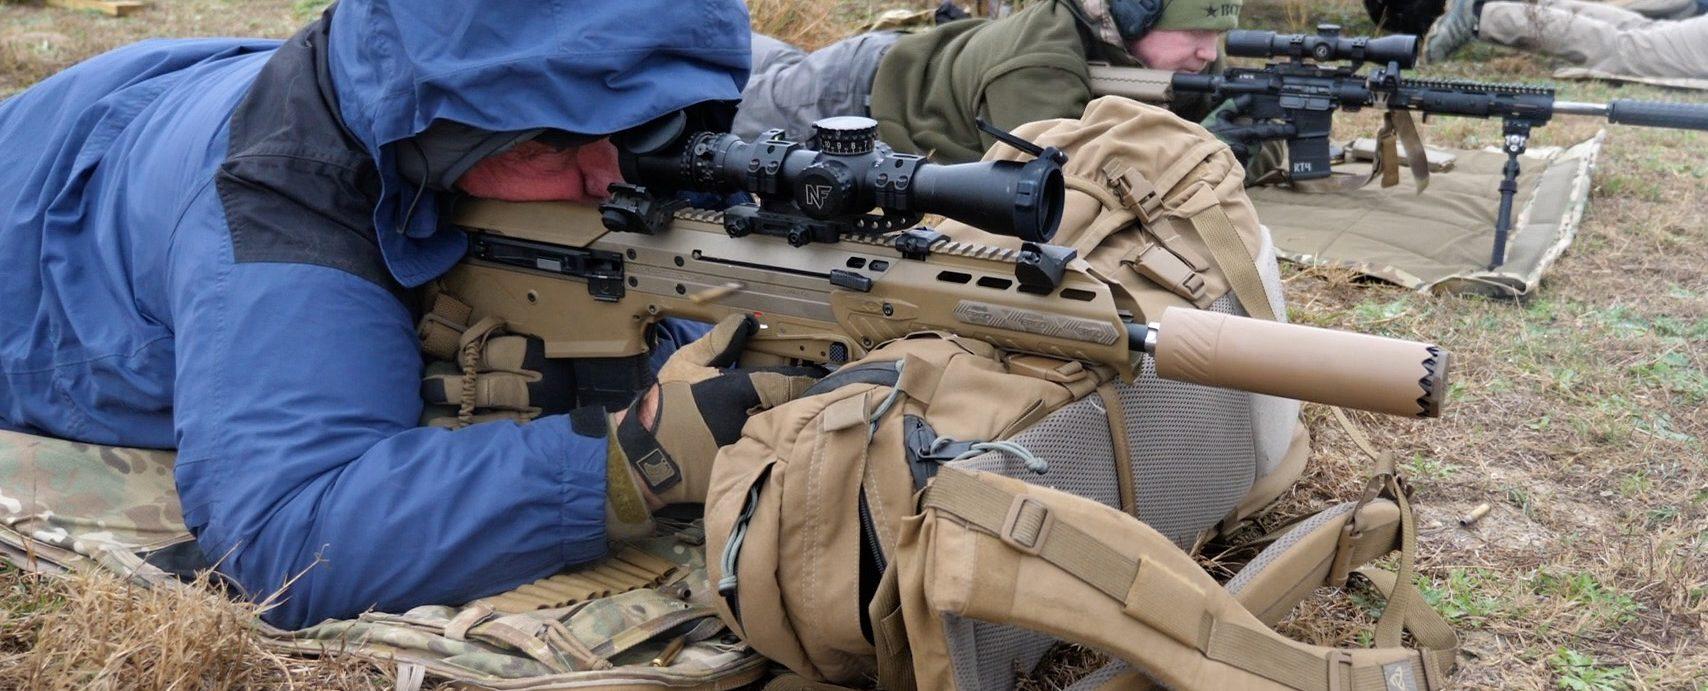 Buying a Riflescope